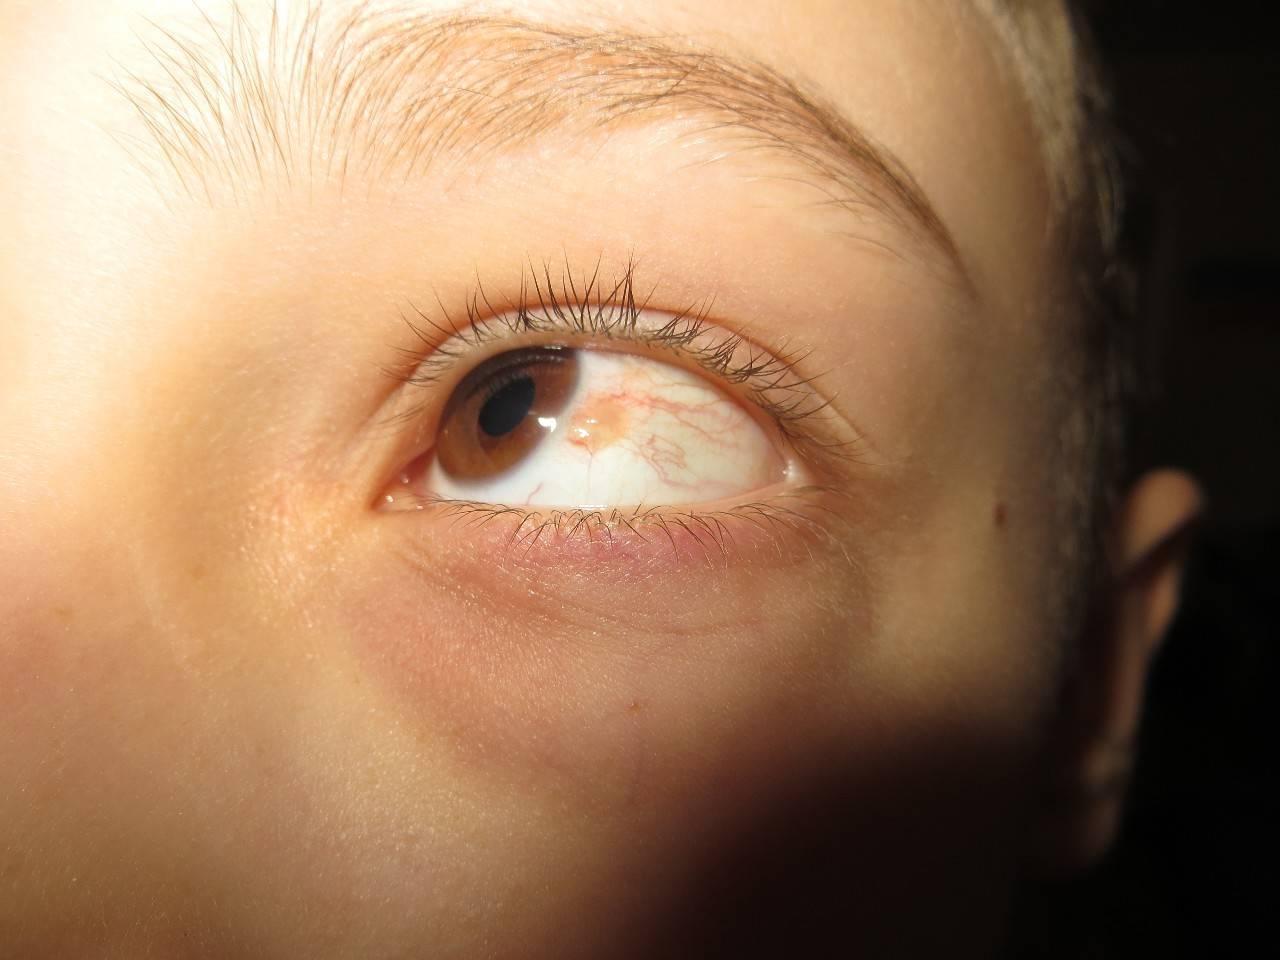 на глазном яблоке прозрачный нарост